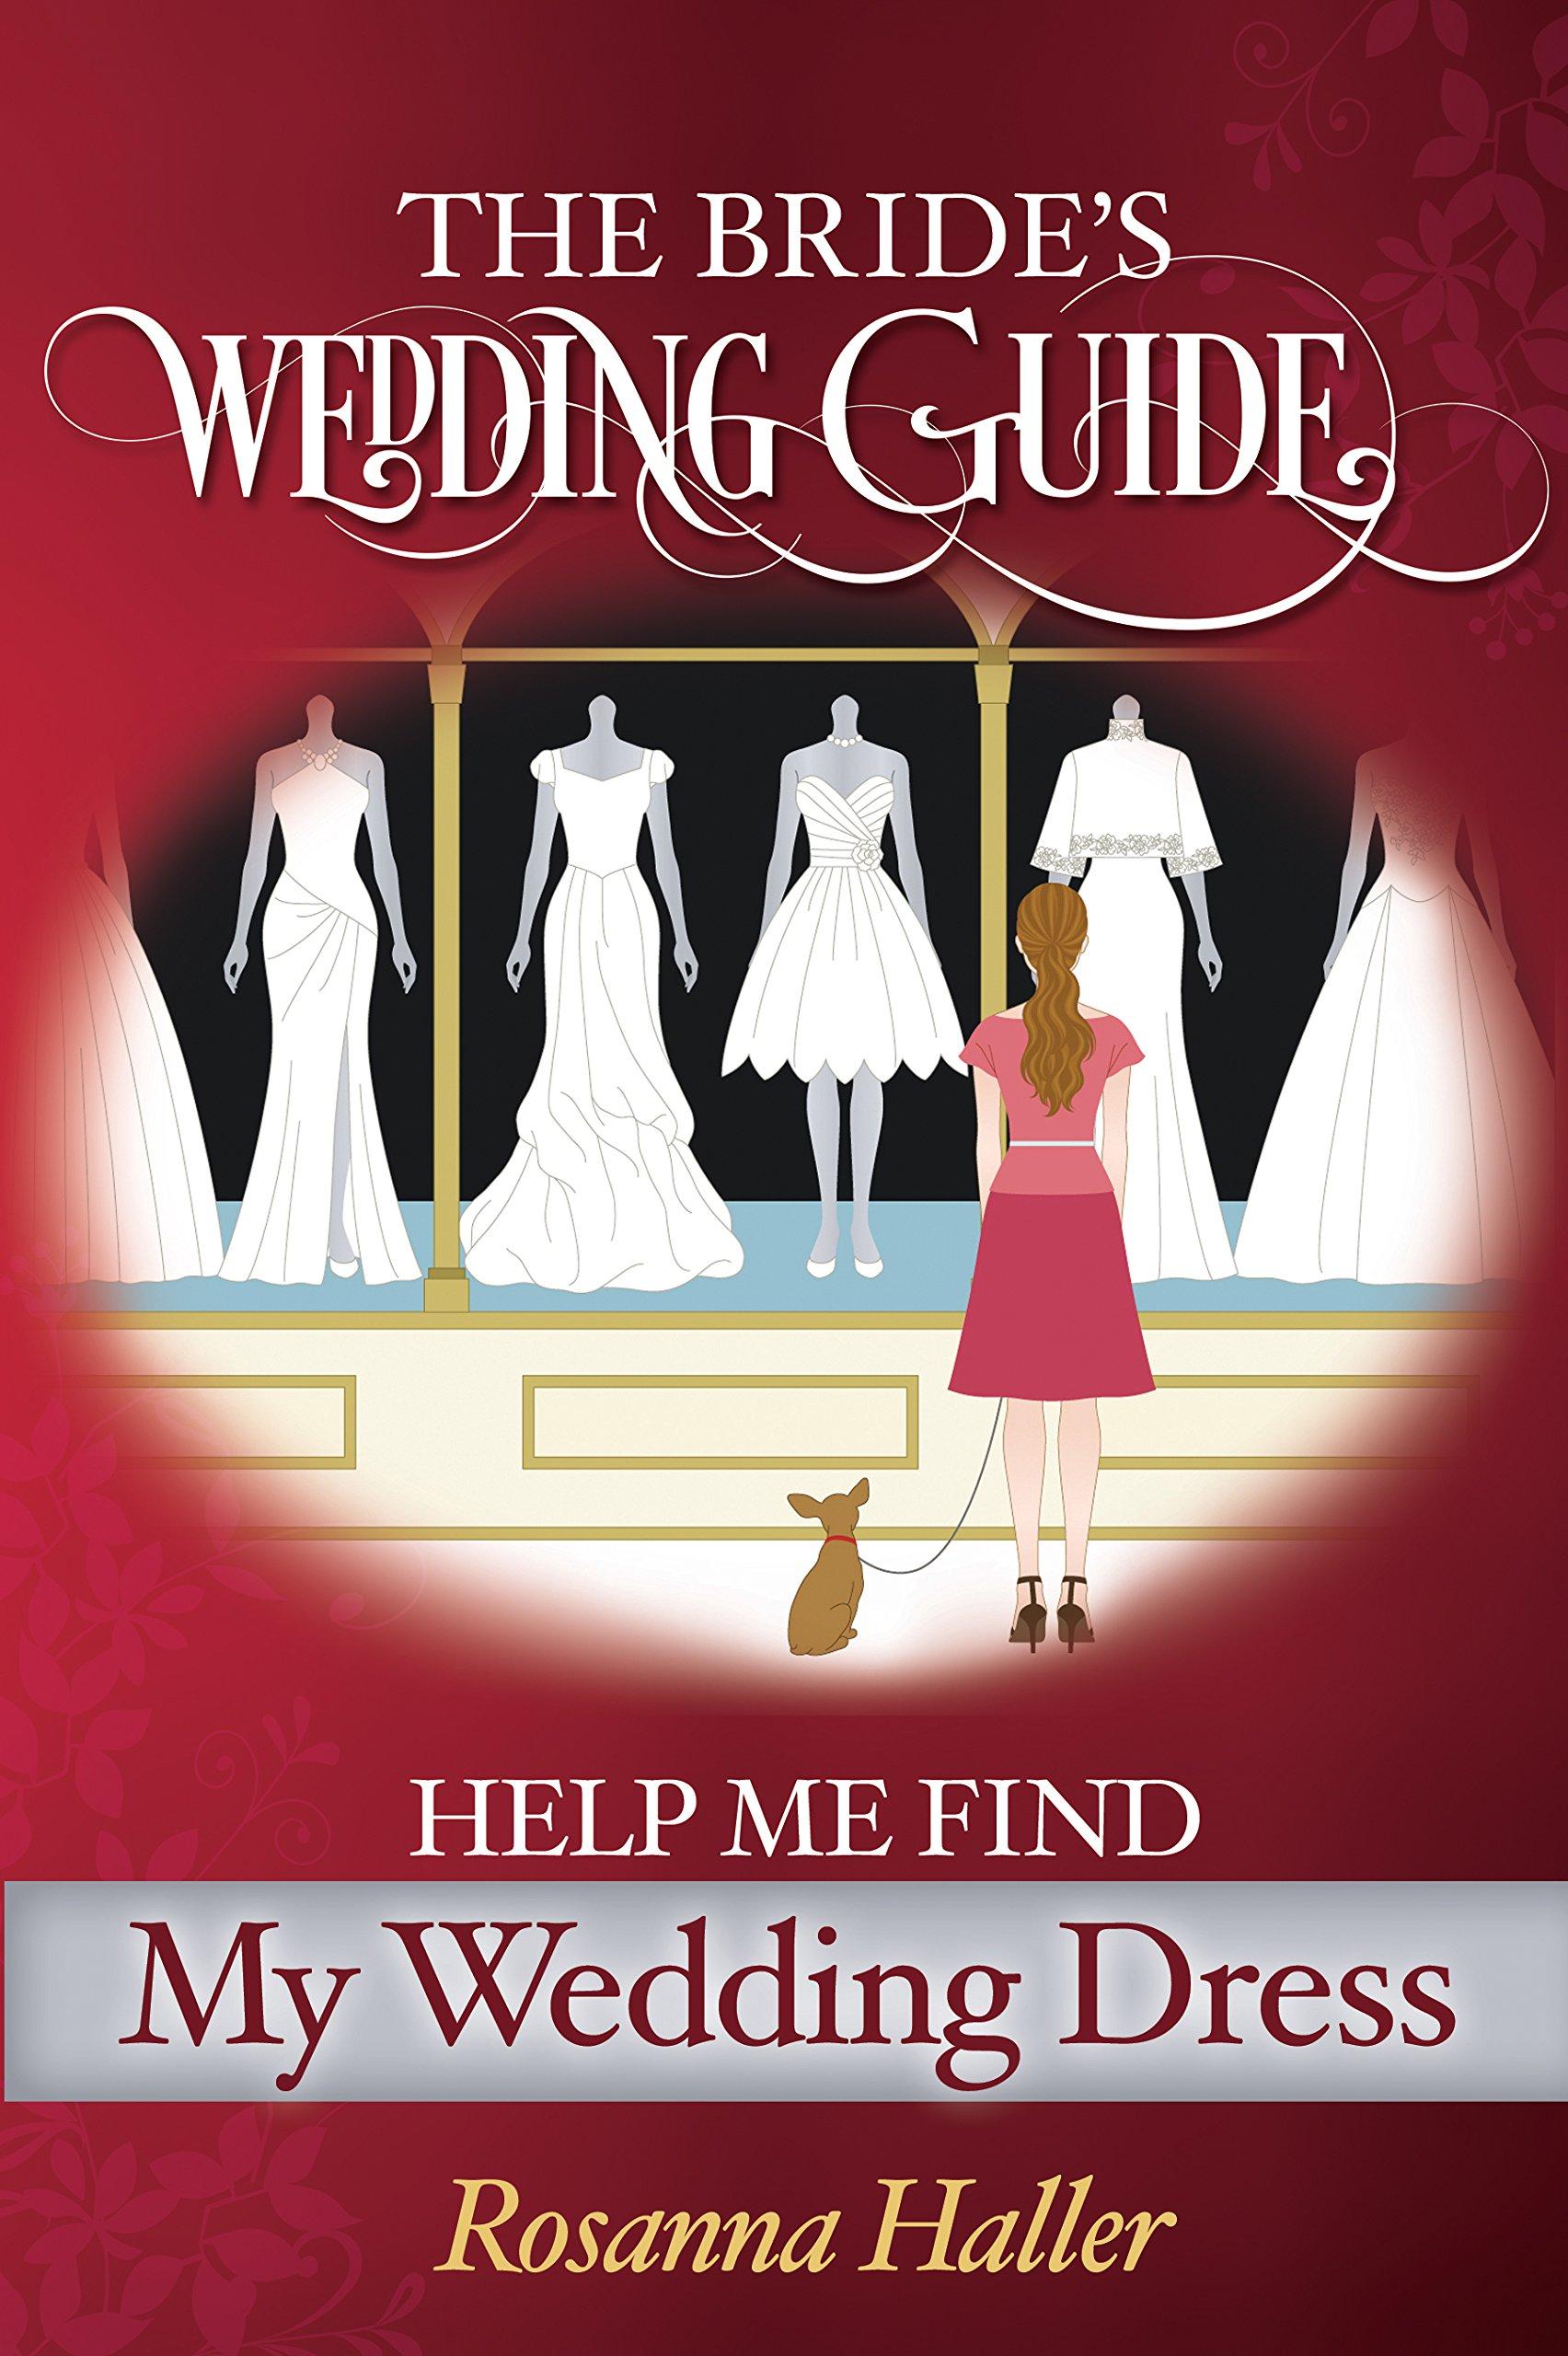 The B R I D E S Wedding Guide Help Me Find A Wedding Dress